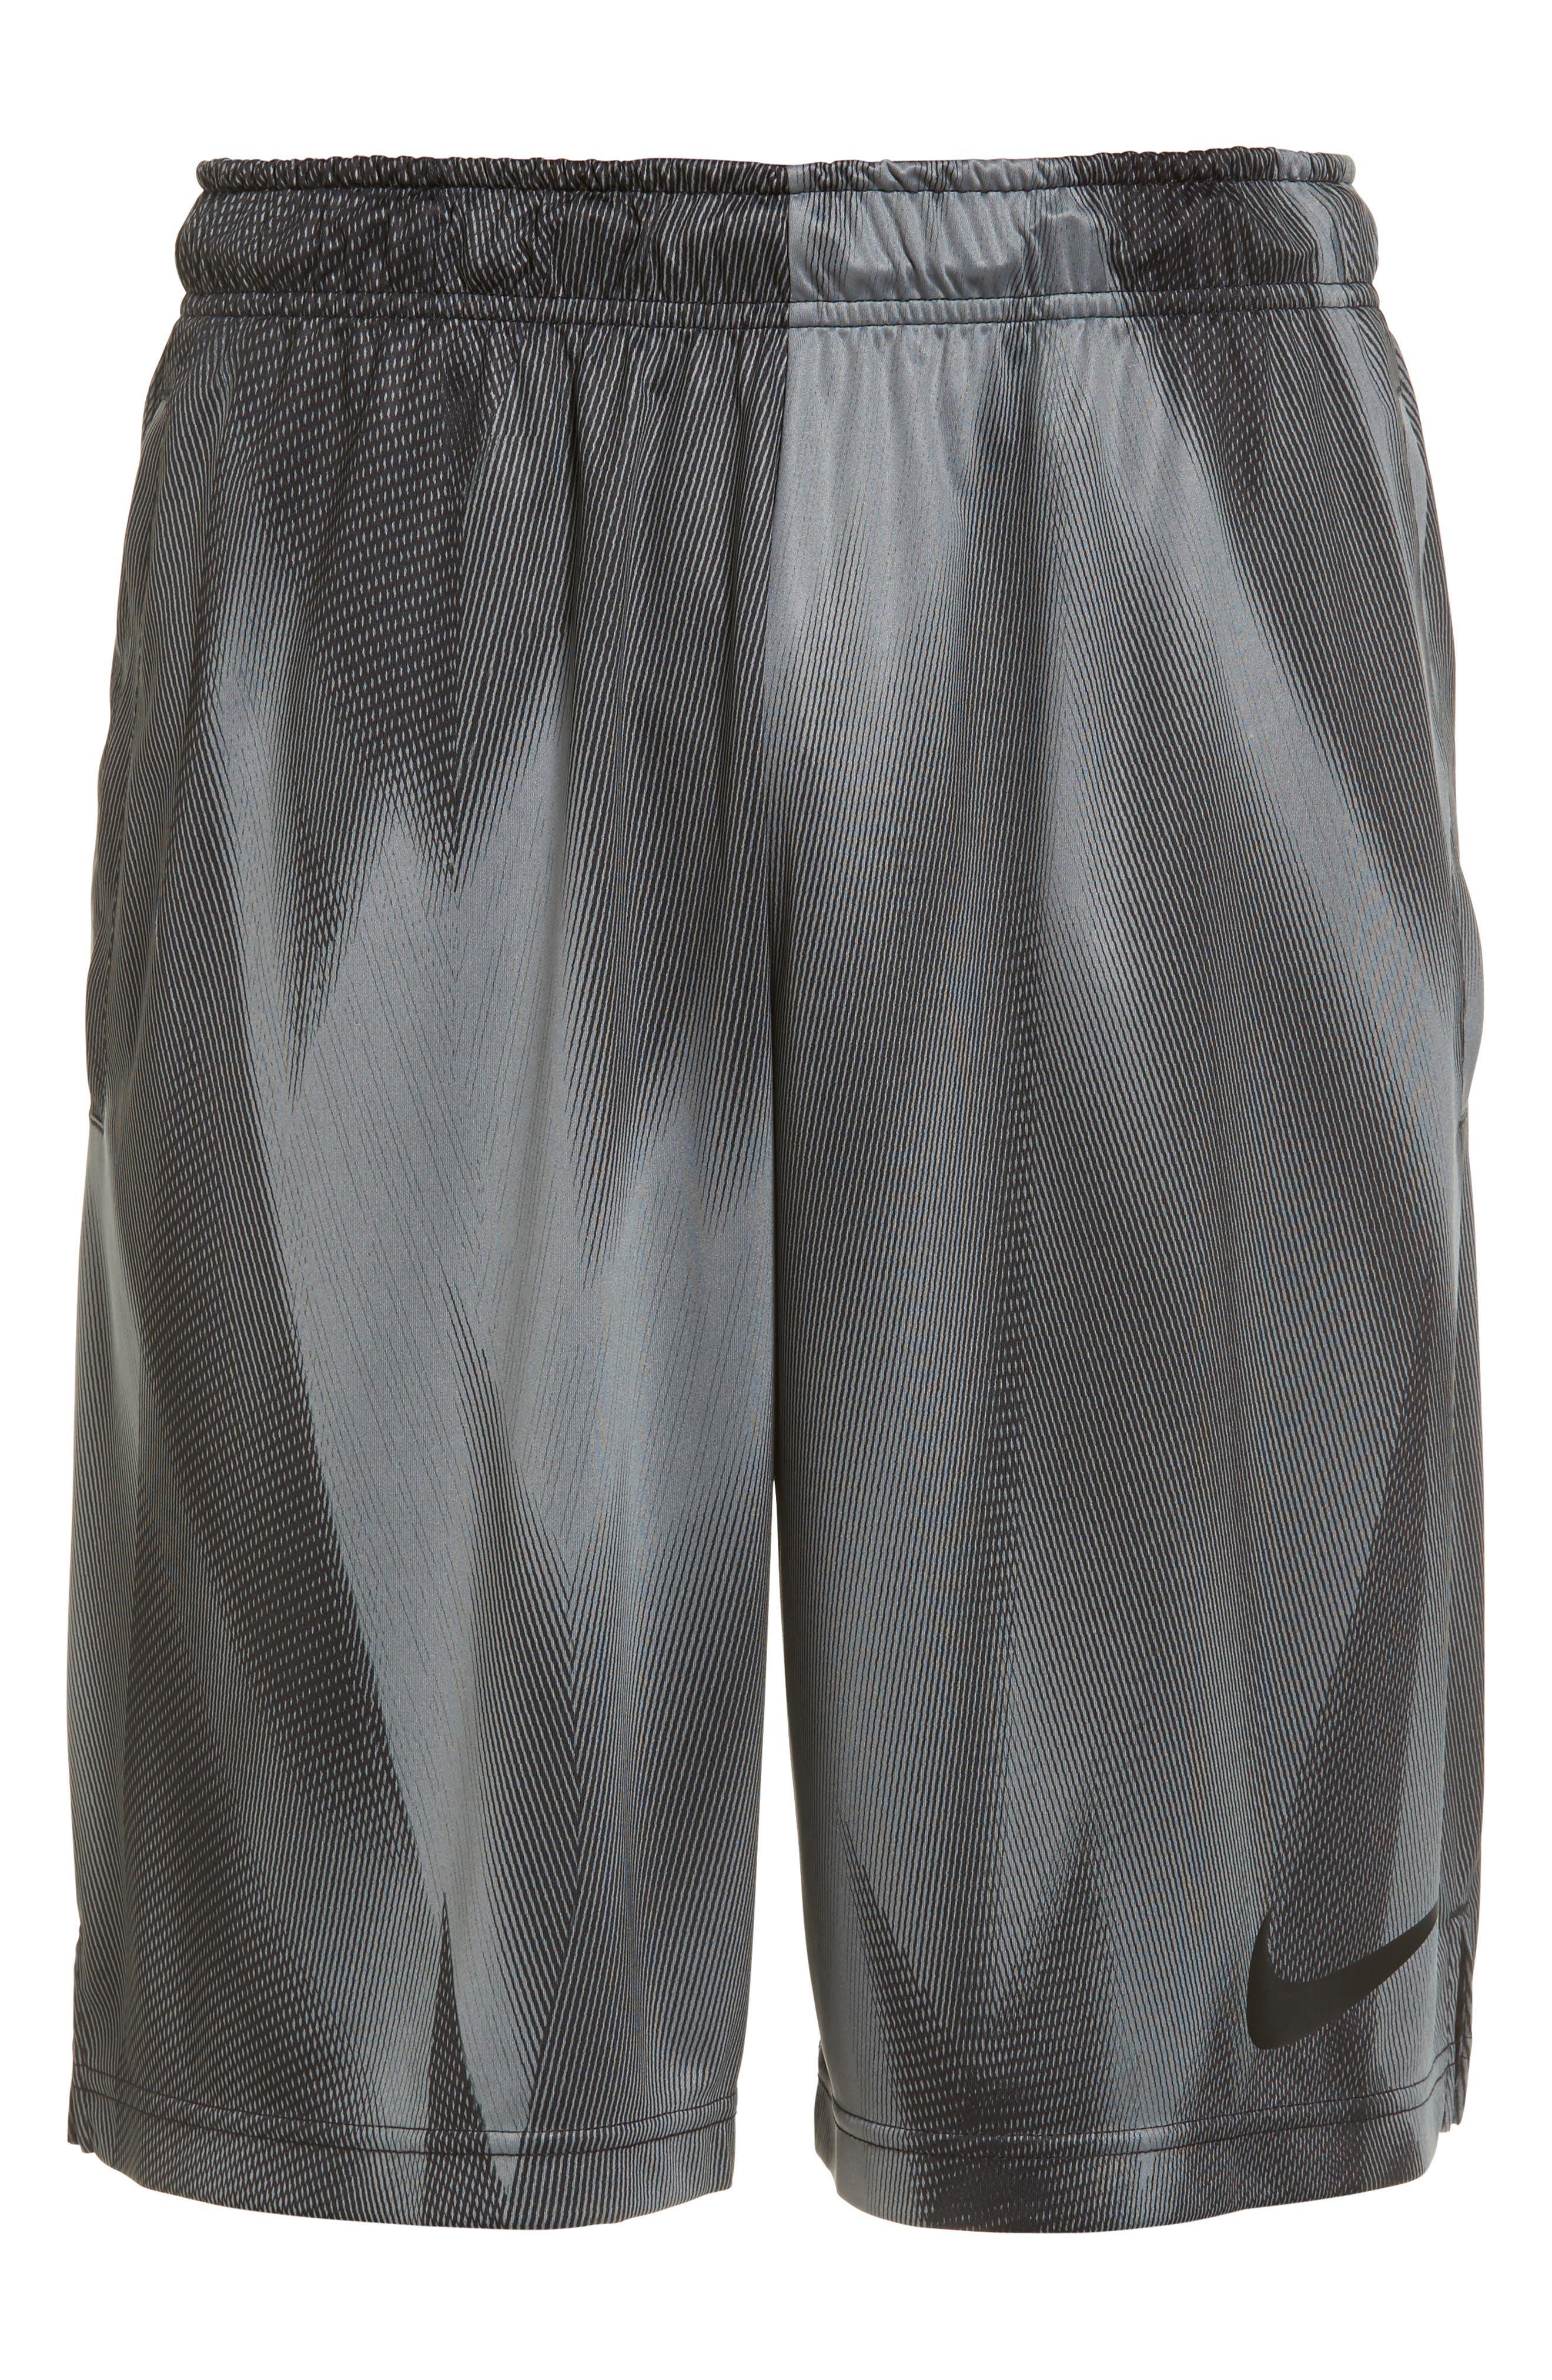 Dry Training Shorts,                             Alternate thumbnail 6, color,                             Black/ Black